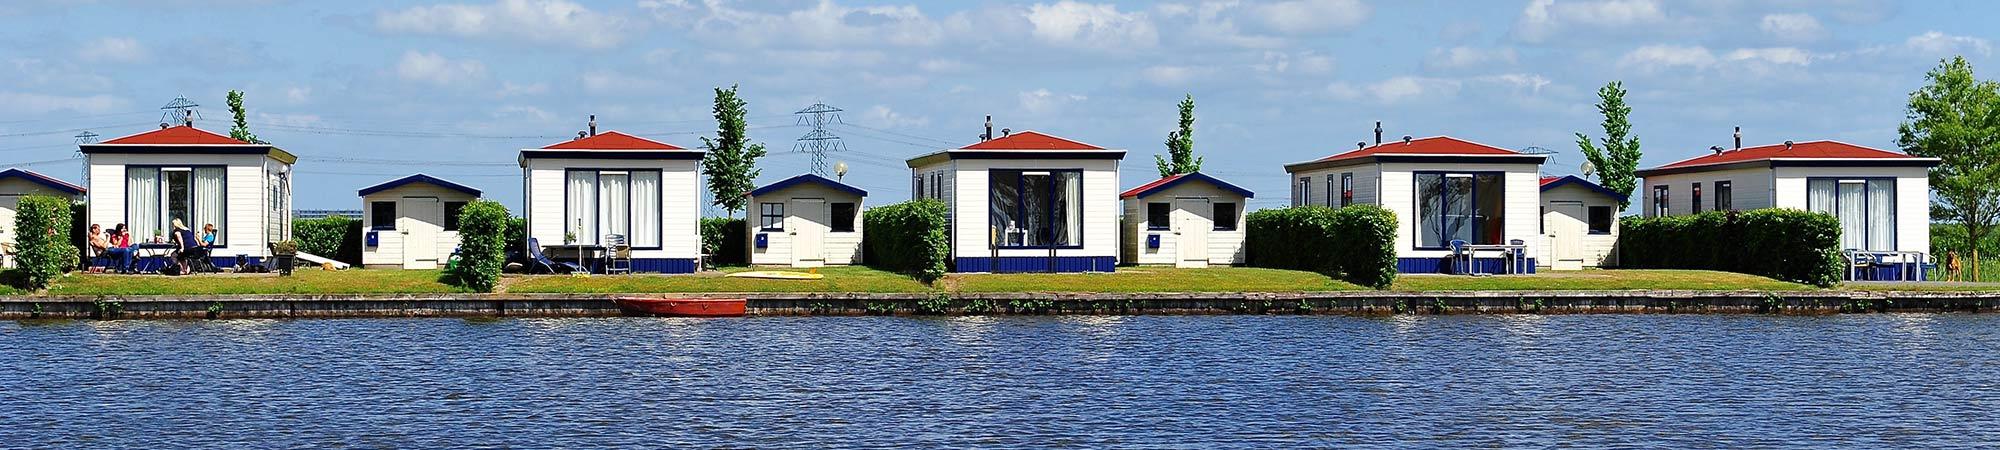 chalet_huren_in_friesland_aan_het_water_02